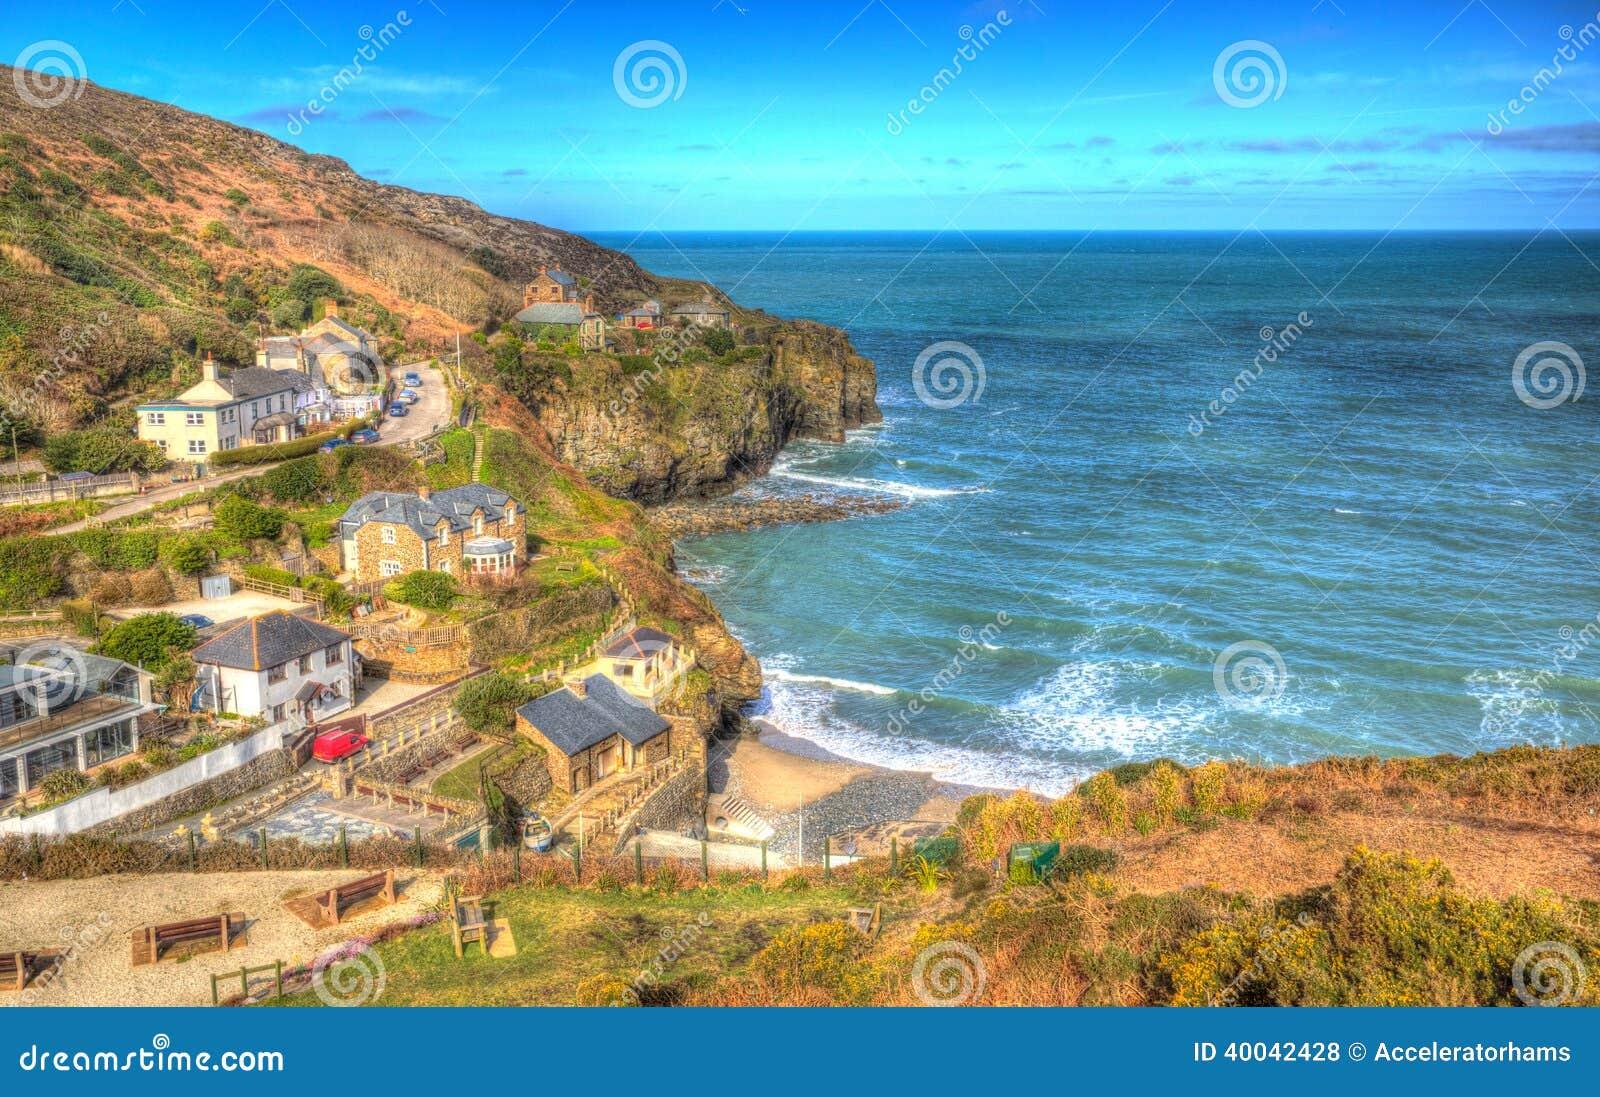 St Agnes Cornwall England United Kingdom entre Newquay et St Ives dans HDR coloré